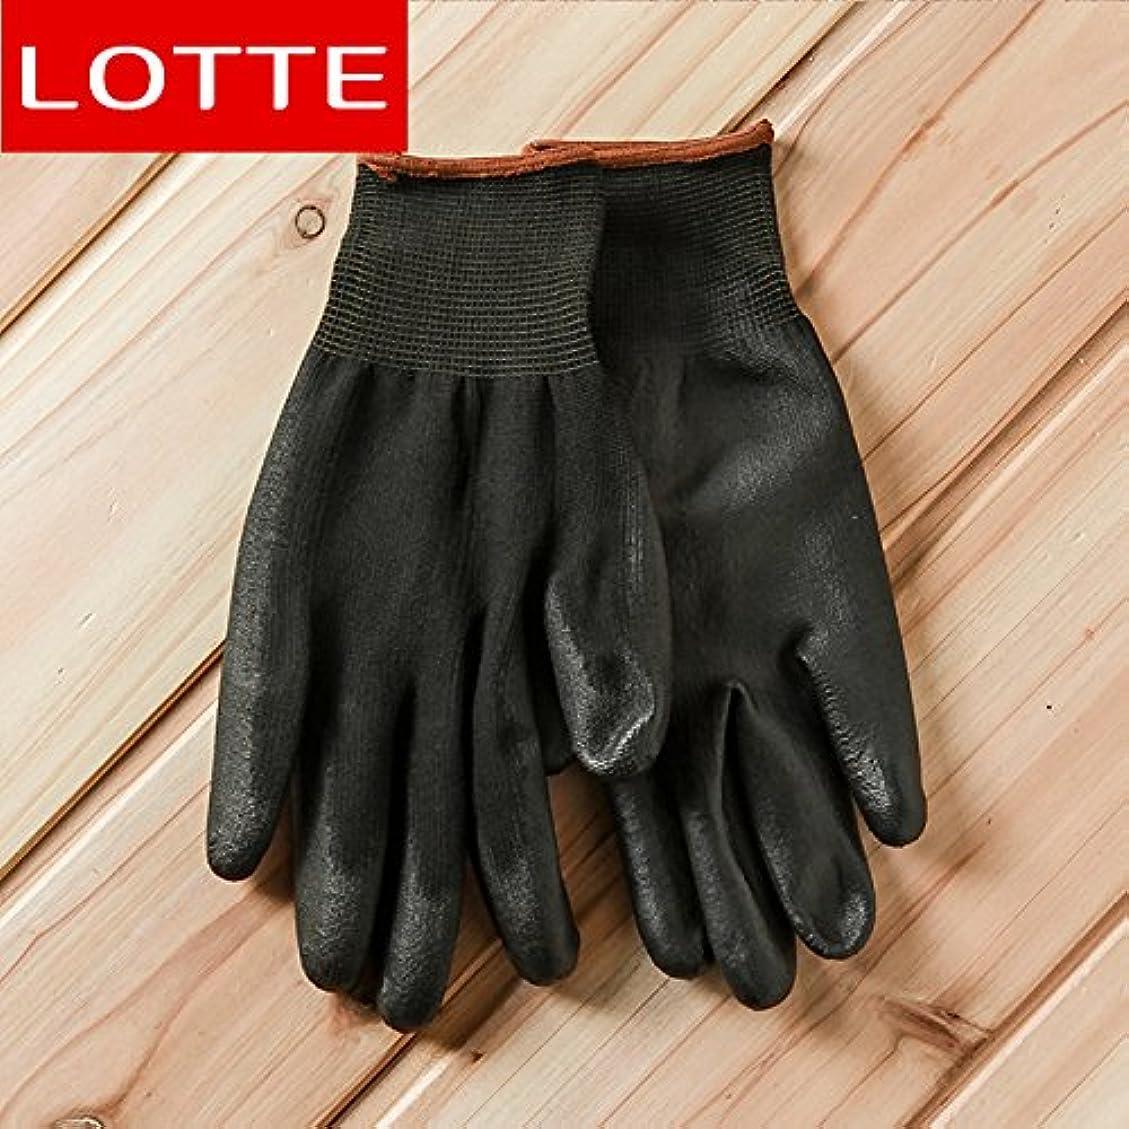 誇りに思う展望台タバコVBMDoM ロッテのPUパームコーティング作業手袋(黒/大) x 3つ [並行輸入品]